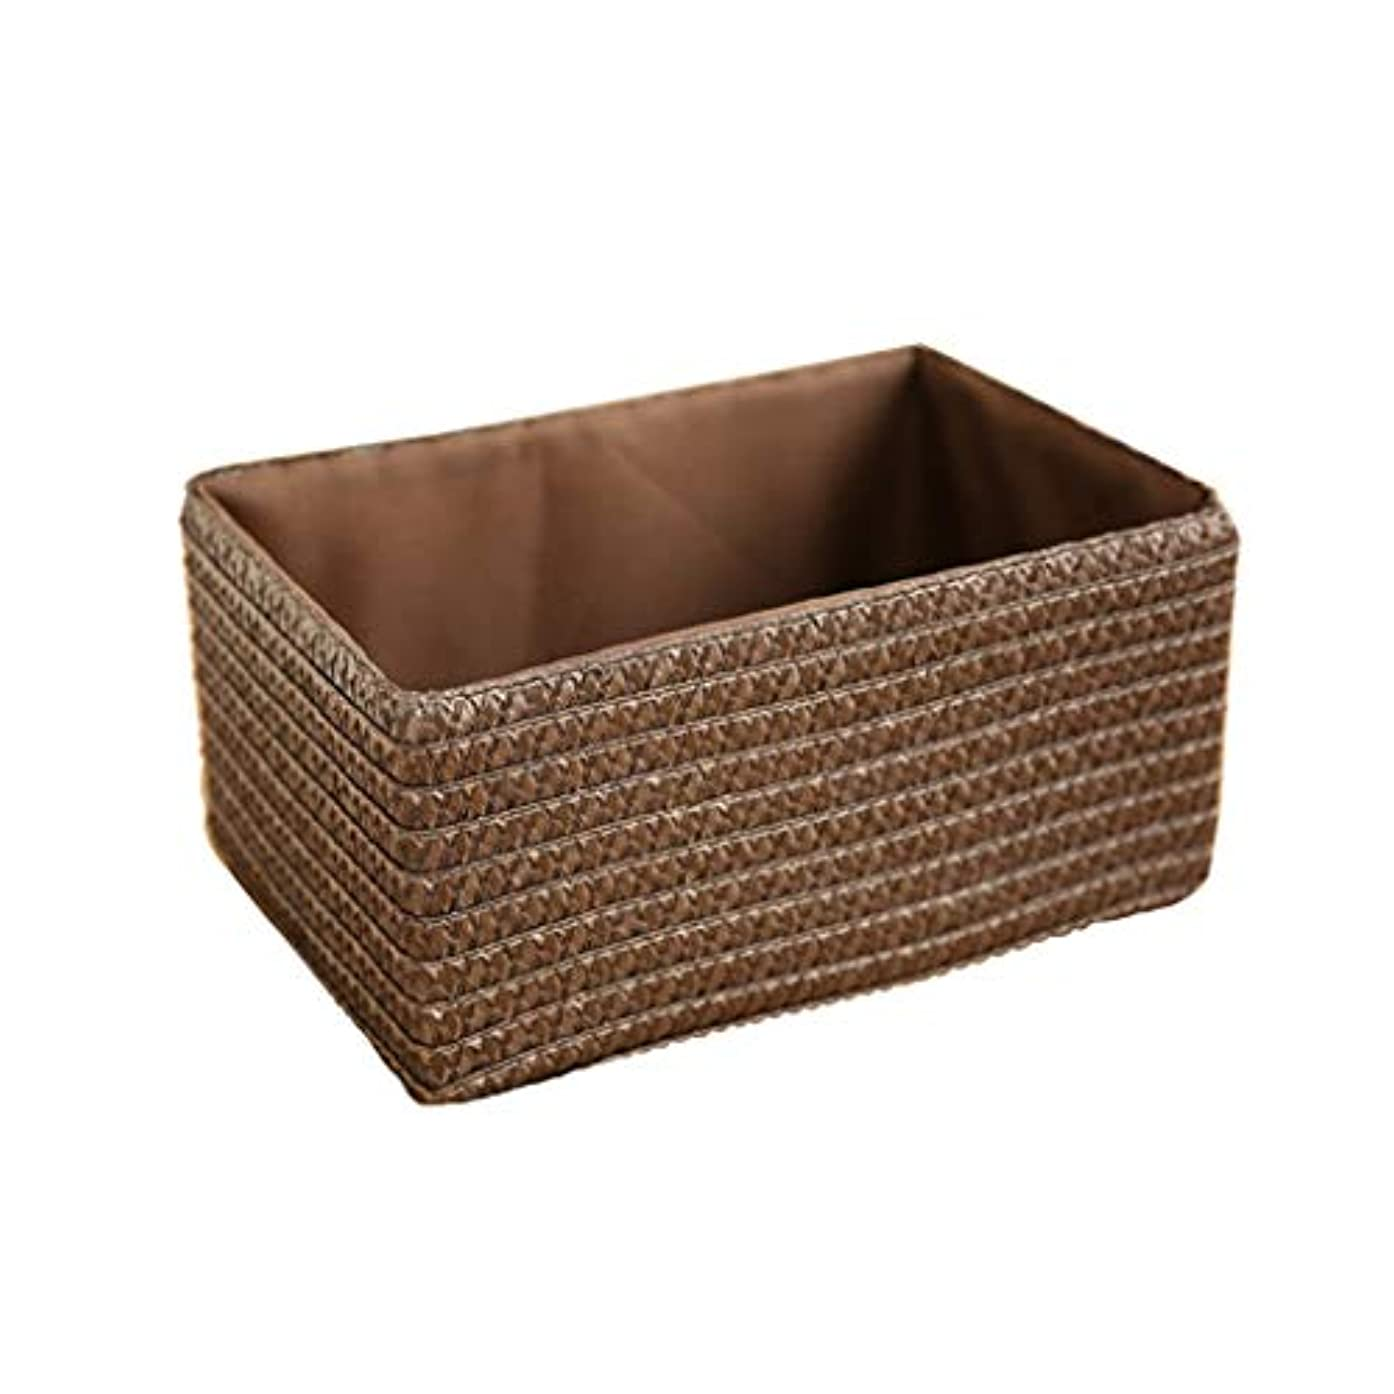 便利さ鉛シャベルQYSZYG 籐貯蔵バスケットストロー織物収納ボックス収納ボックス織りバスケット、コーヒーの色 収納バスケット